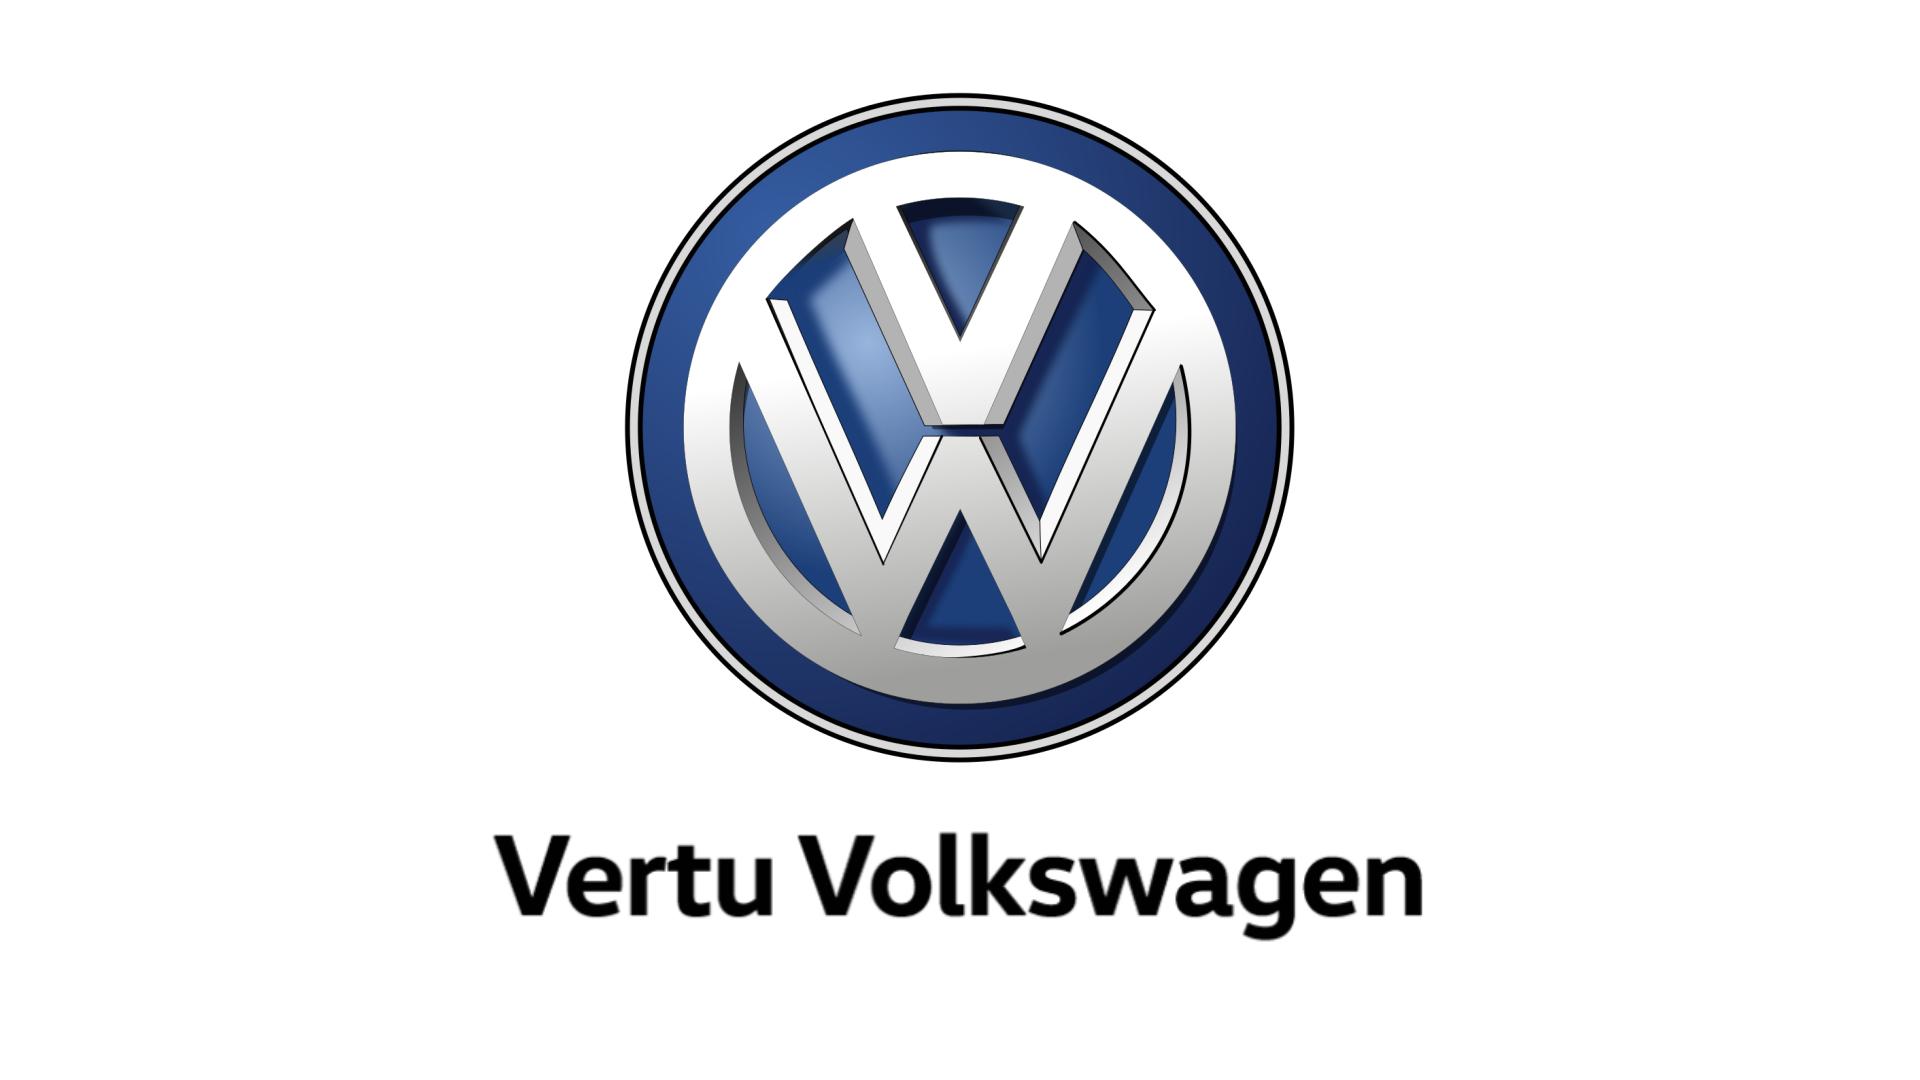 Vertu Volkswagen Whitchurch Logo